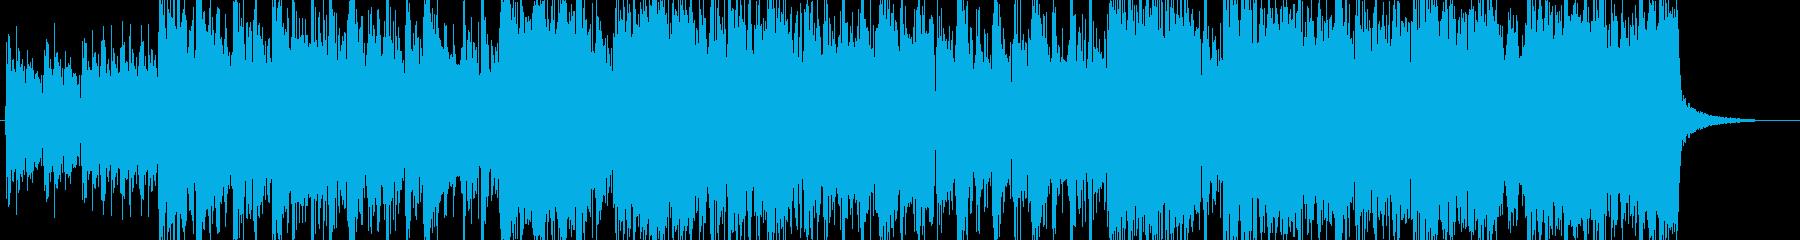 元気なサーフミュージックのんの再生済みの波形